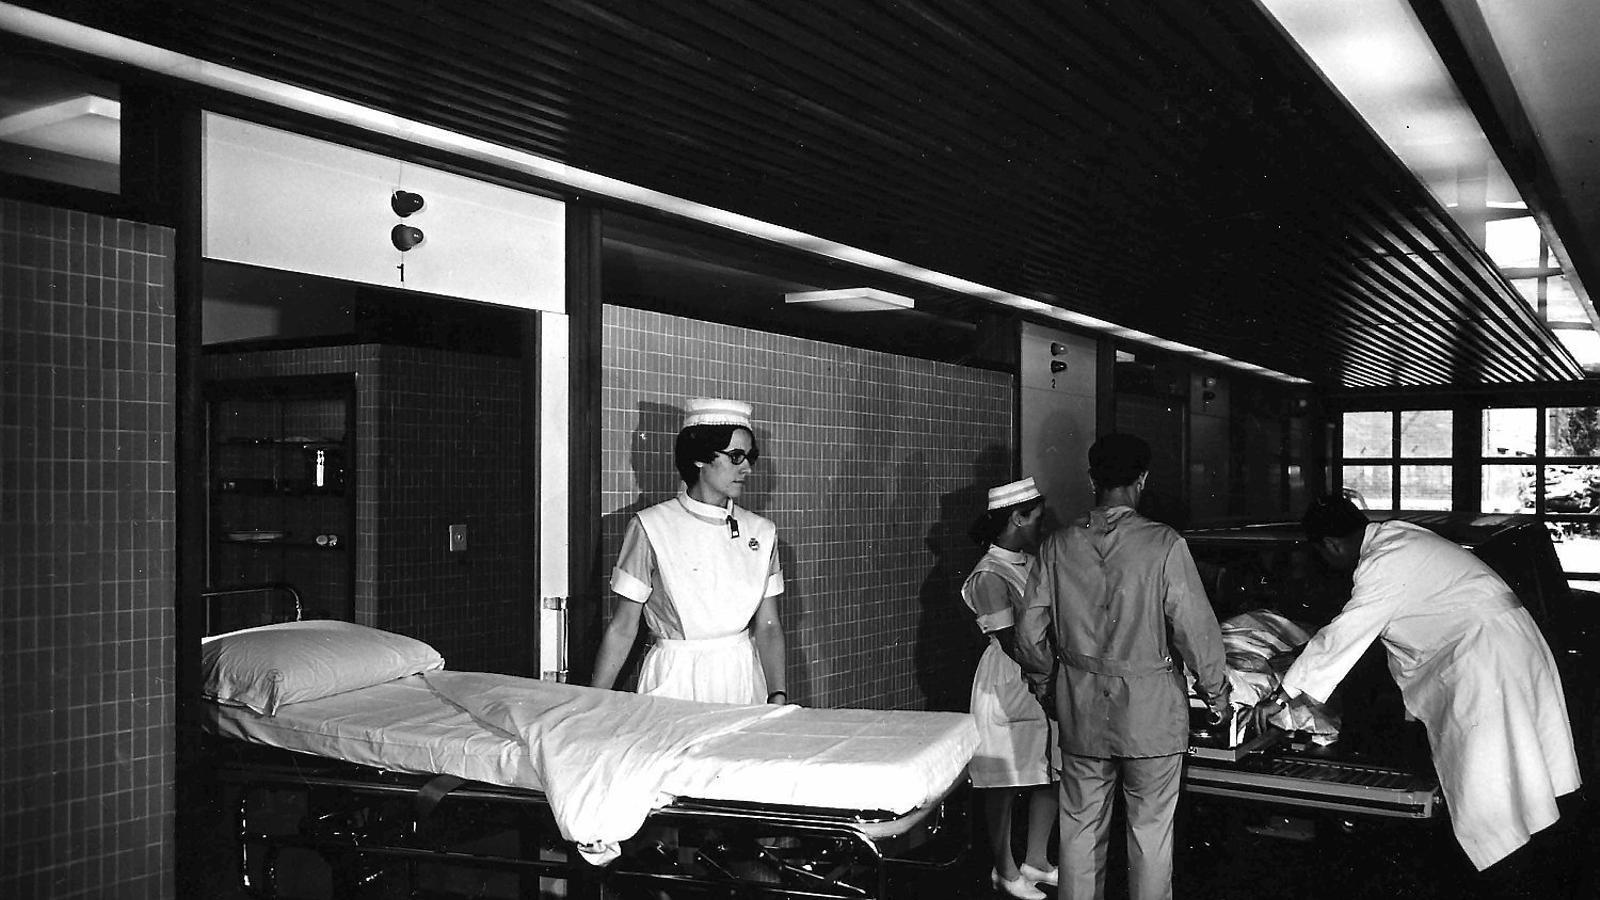 01. Un cop atès, el malalt esperava al passadís els resultats de les proves . 02. Les ambulàncies s'aturaven davant la porta de primers auxilis.